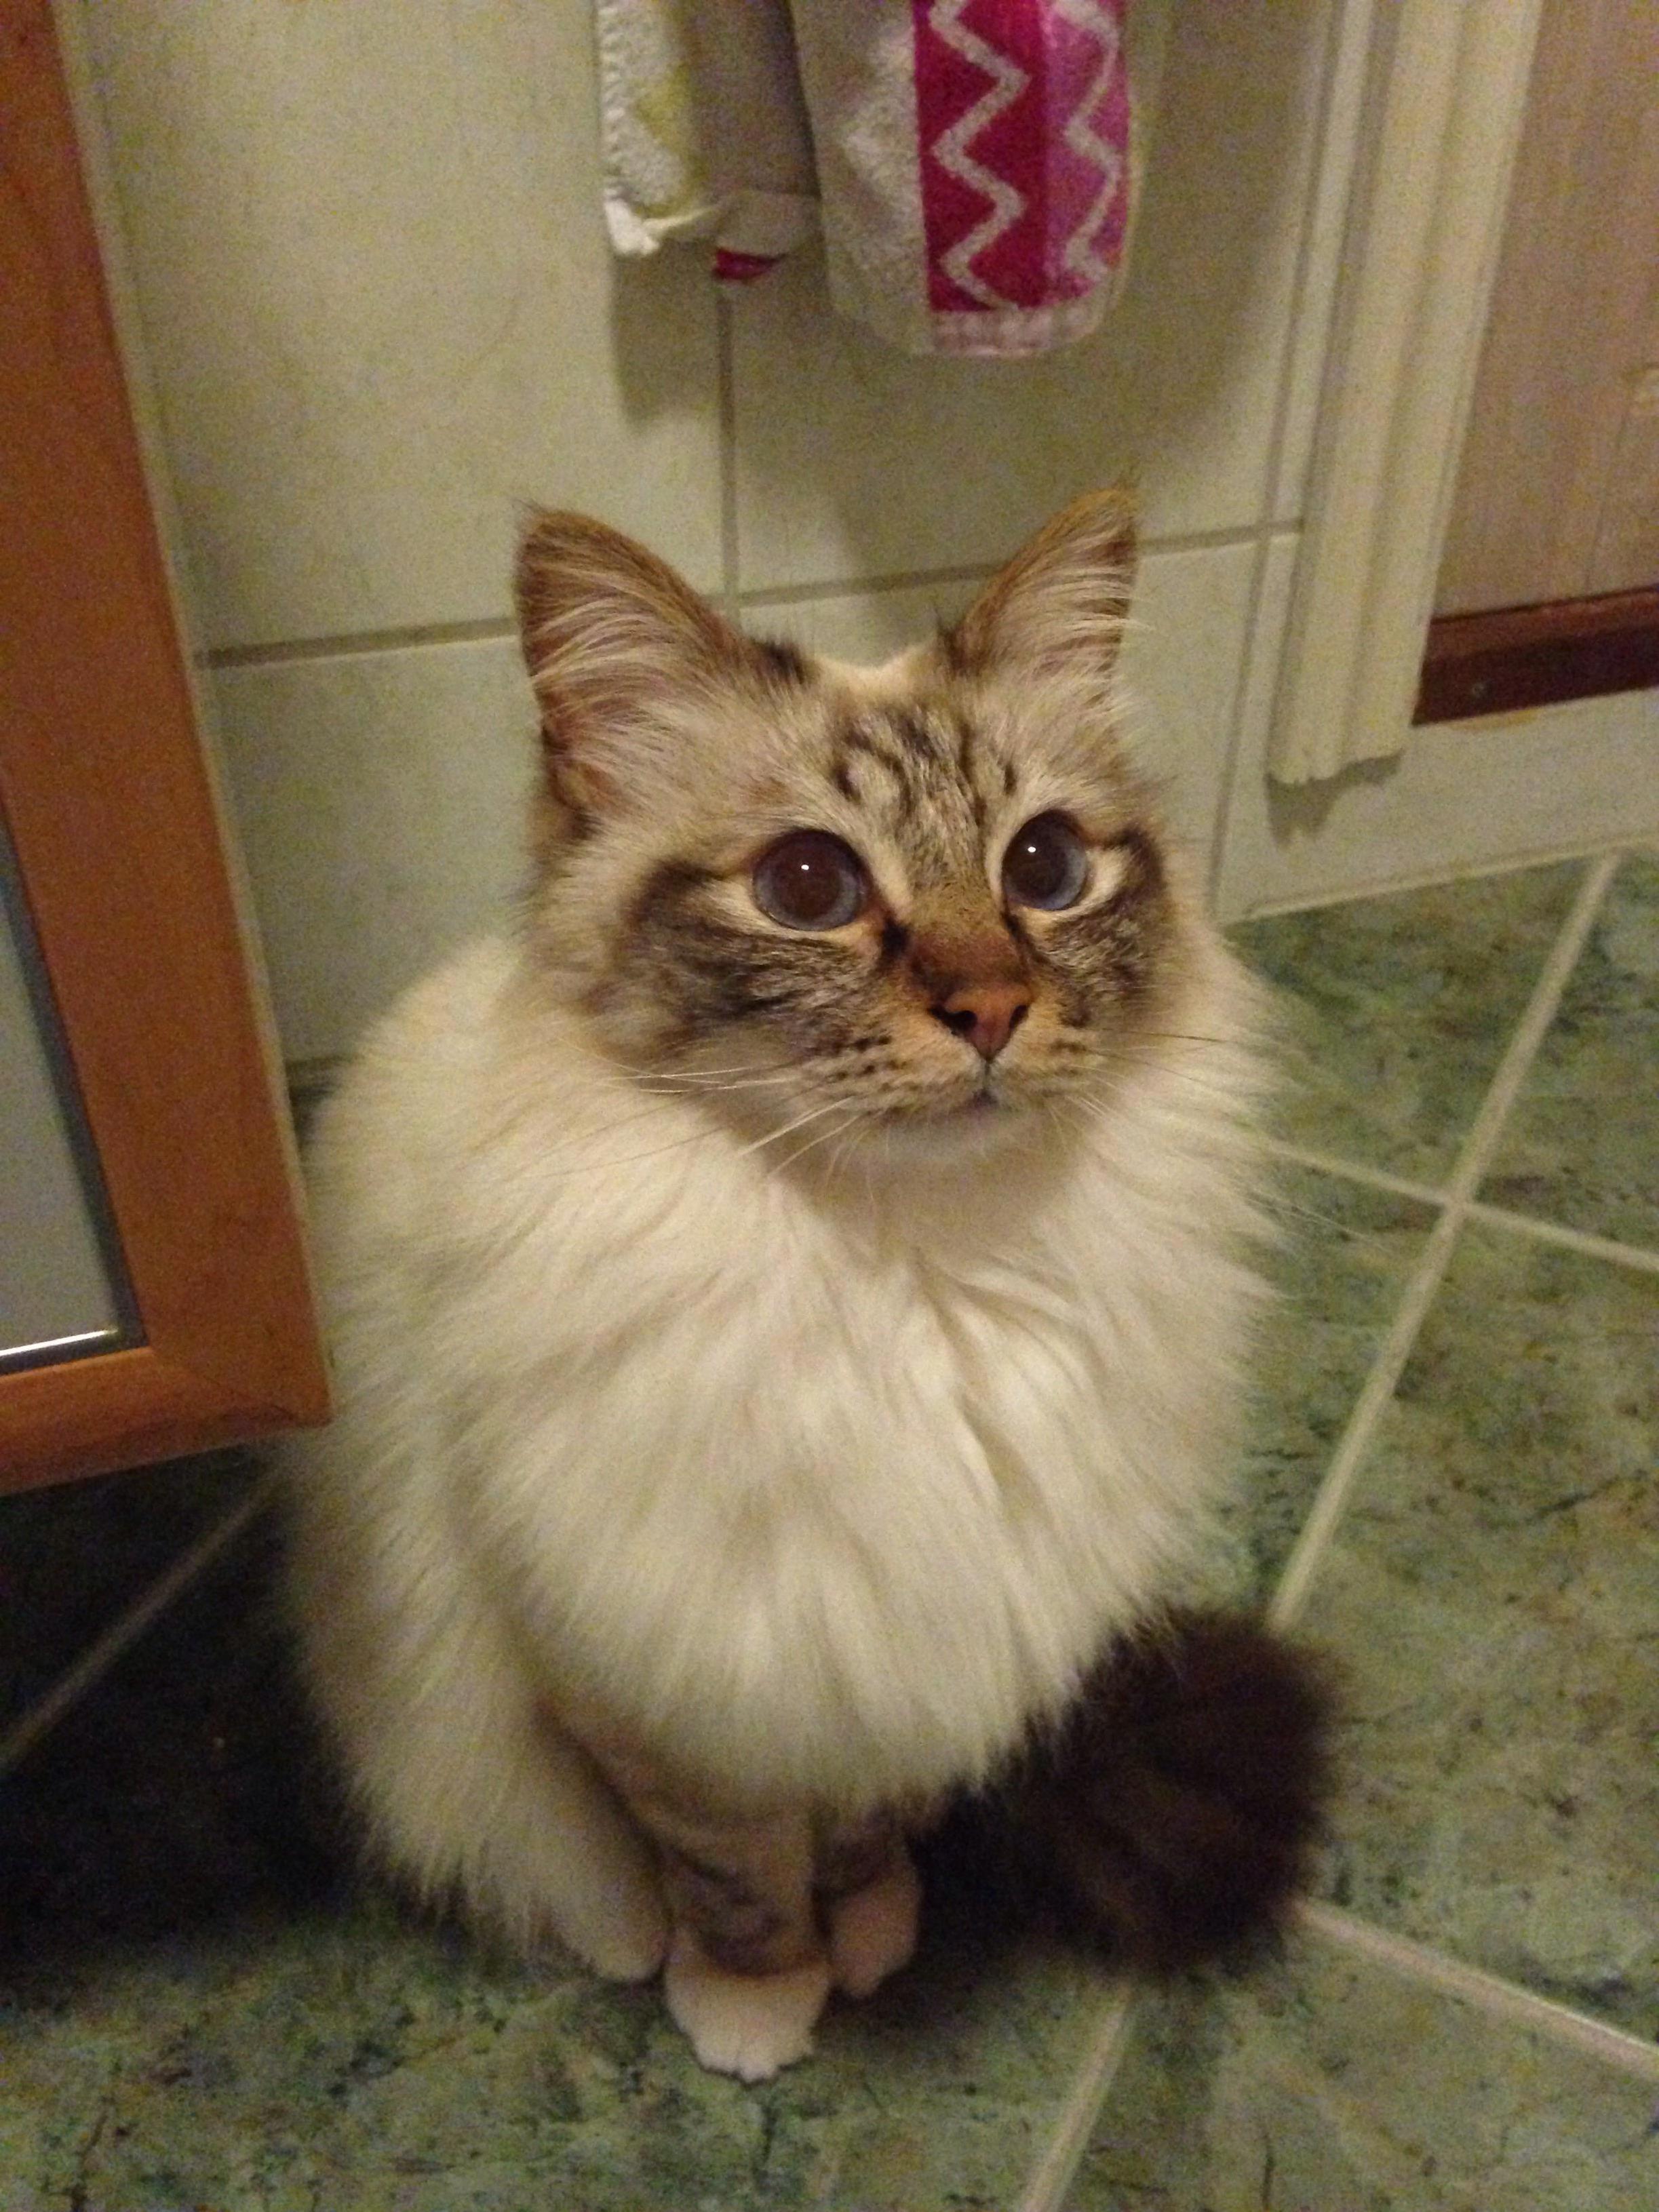 My birman cat kaoz